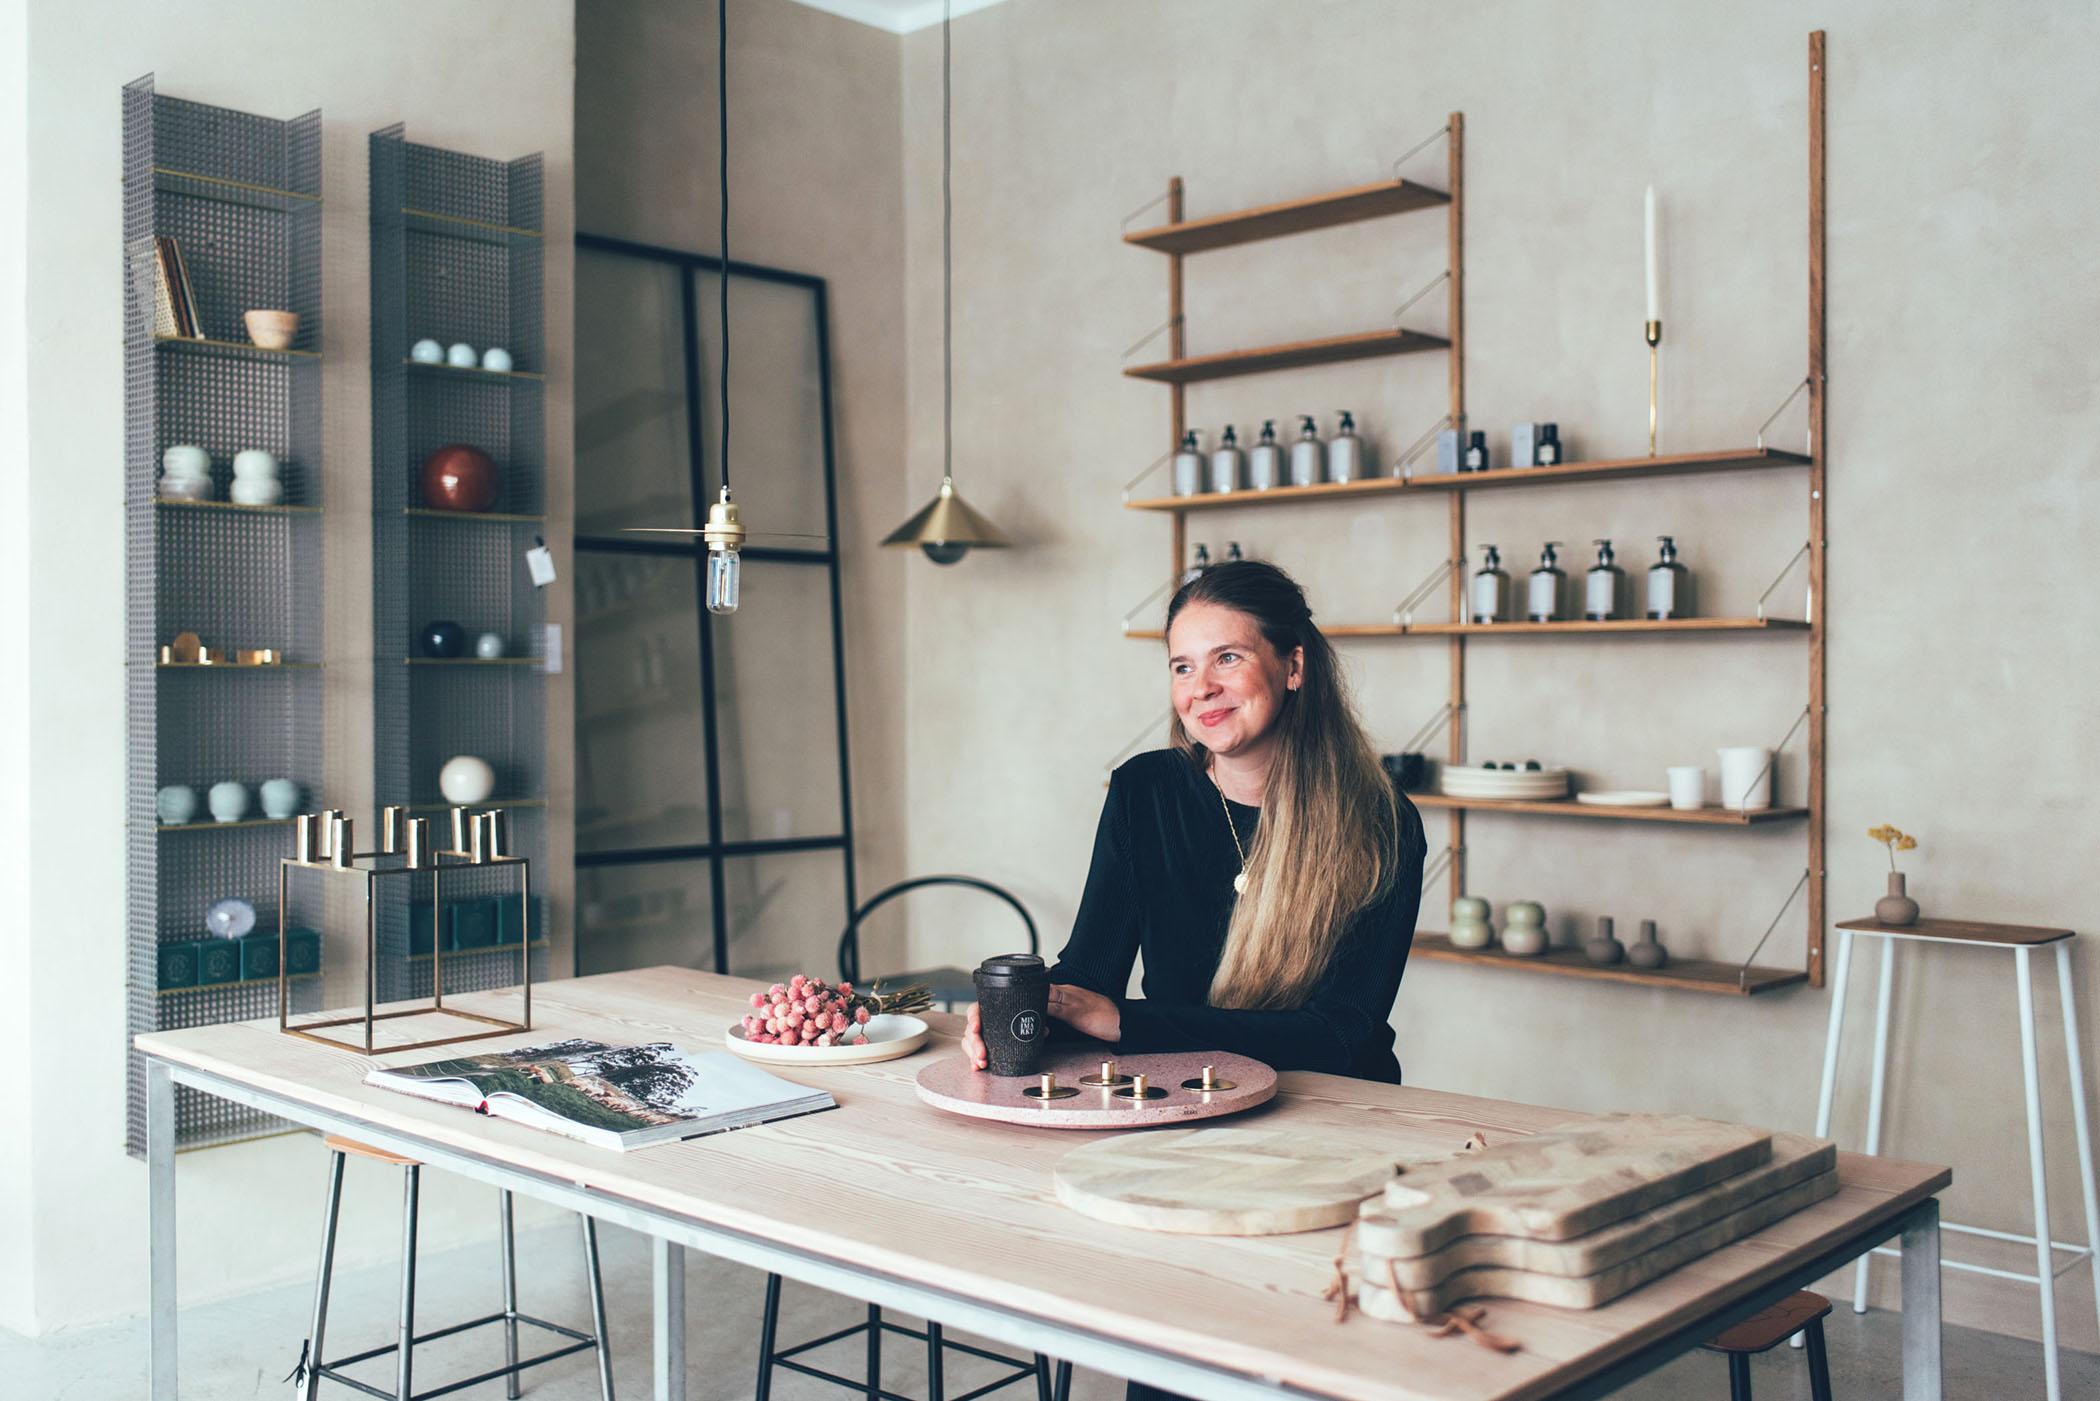 homestory-minimarkt_0xenia-rosengart